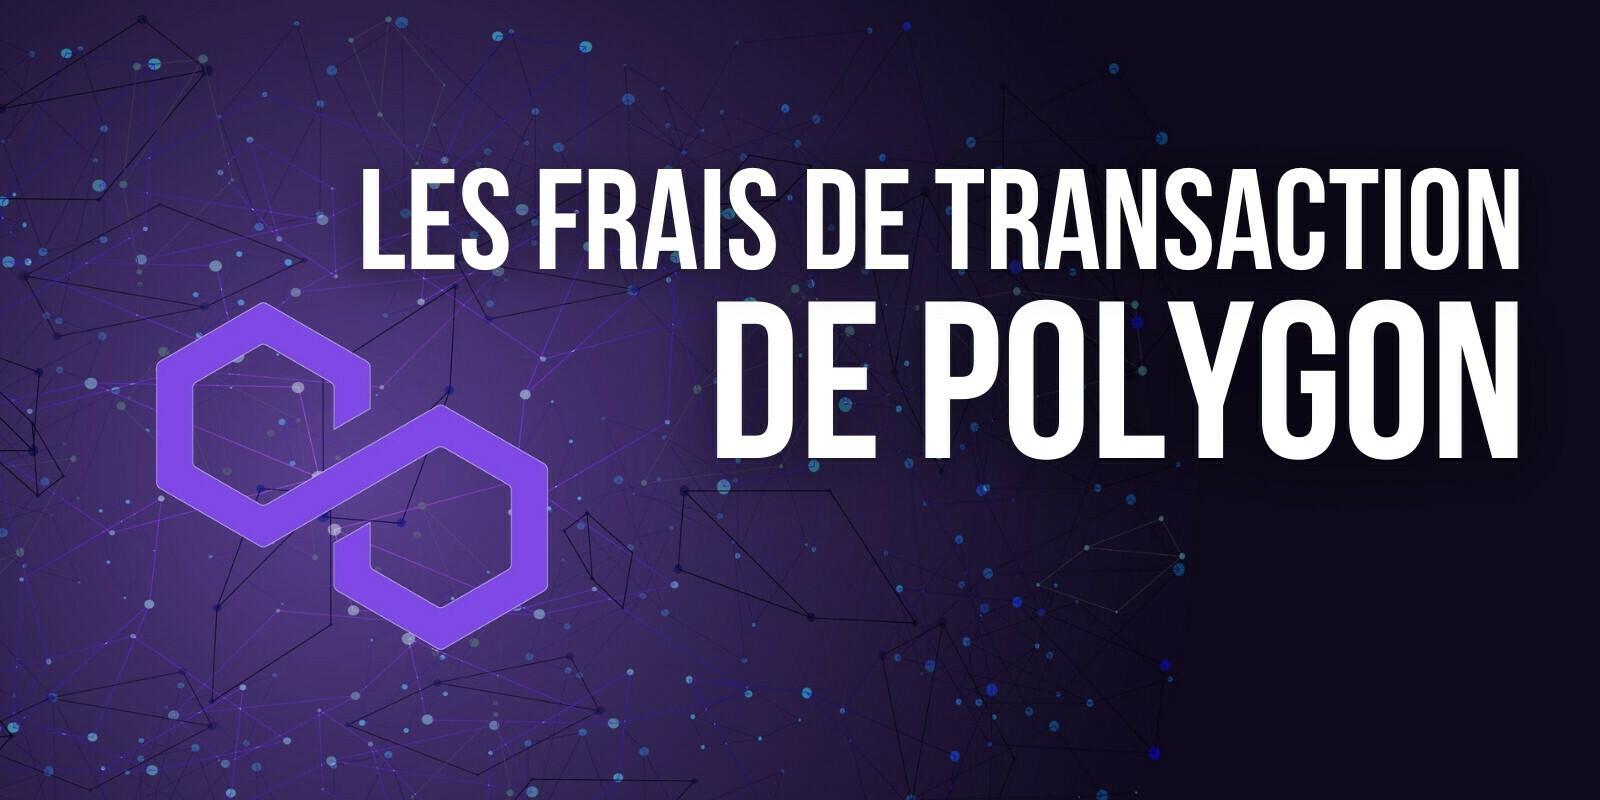 Polygon (MATIC): controverse autour de la récente hausse des frais de transaction